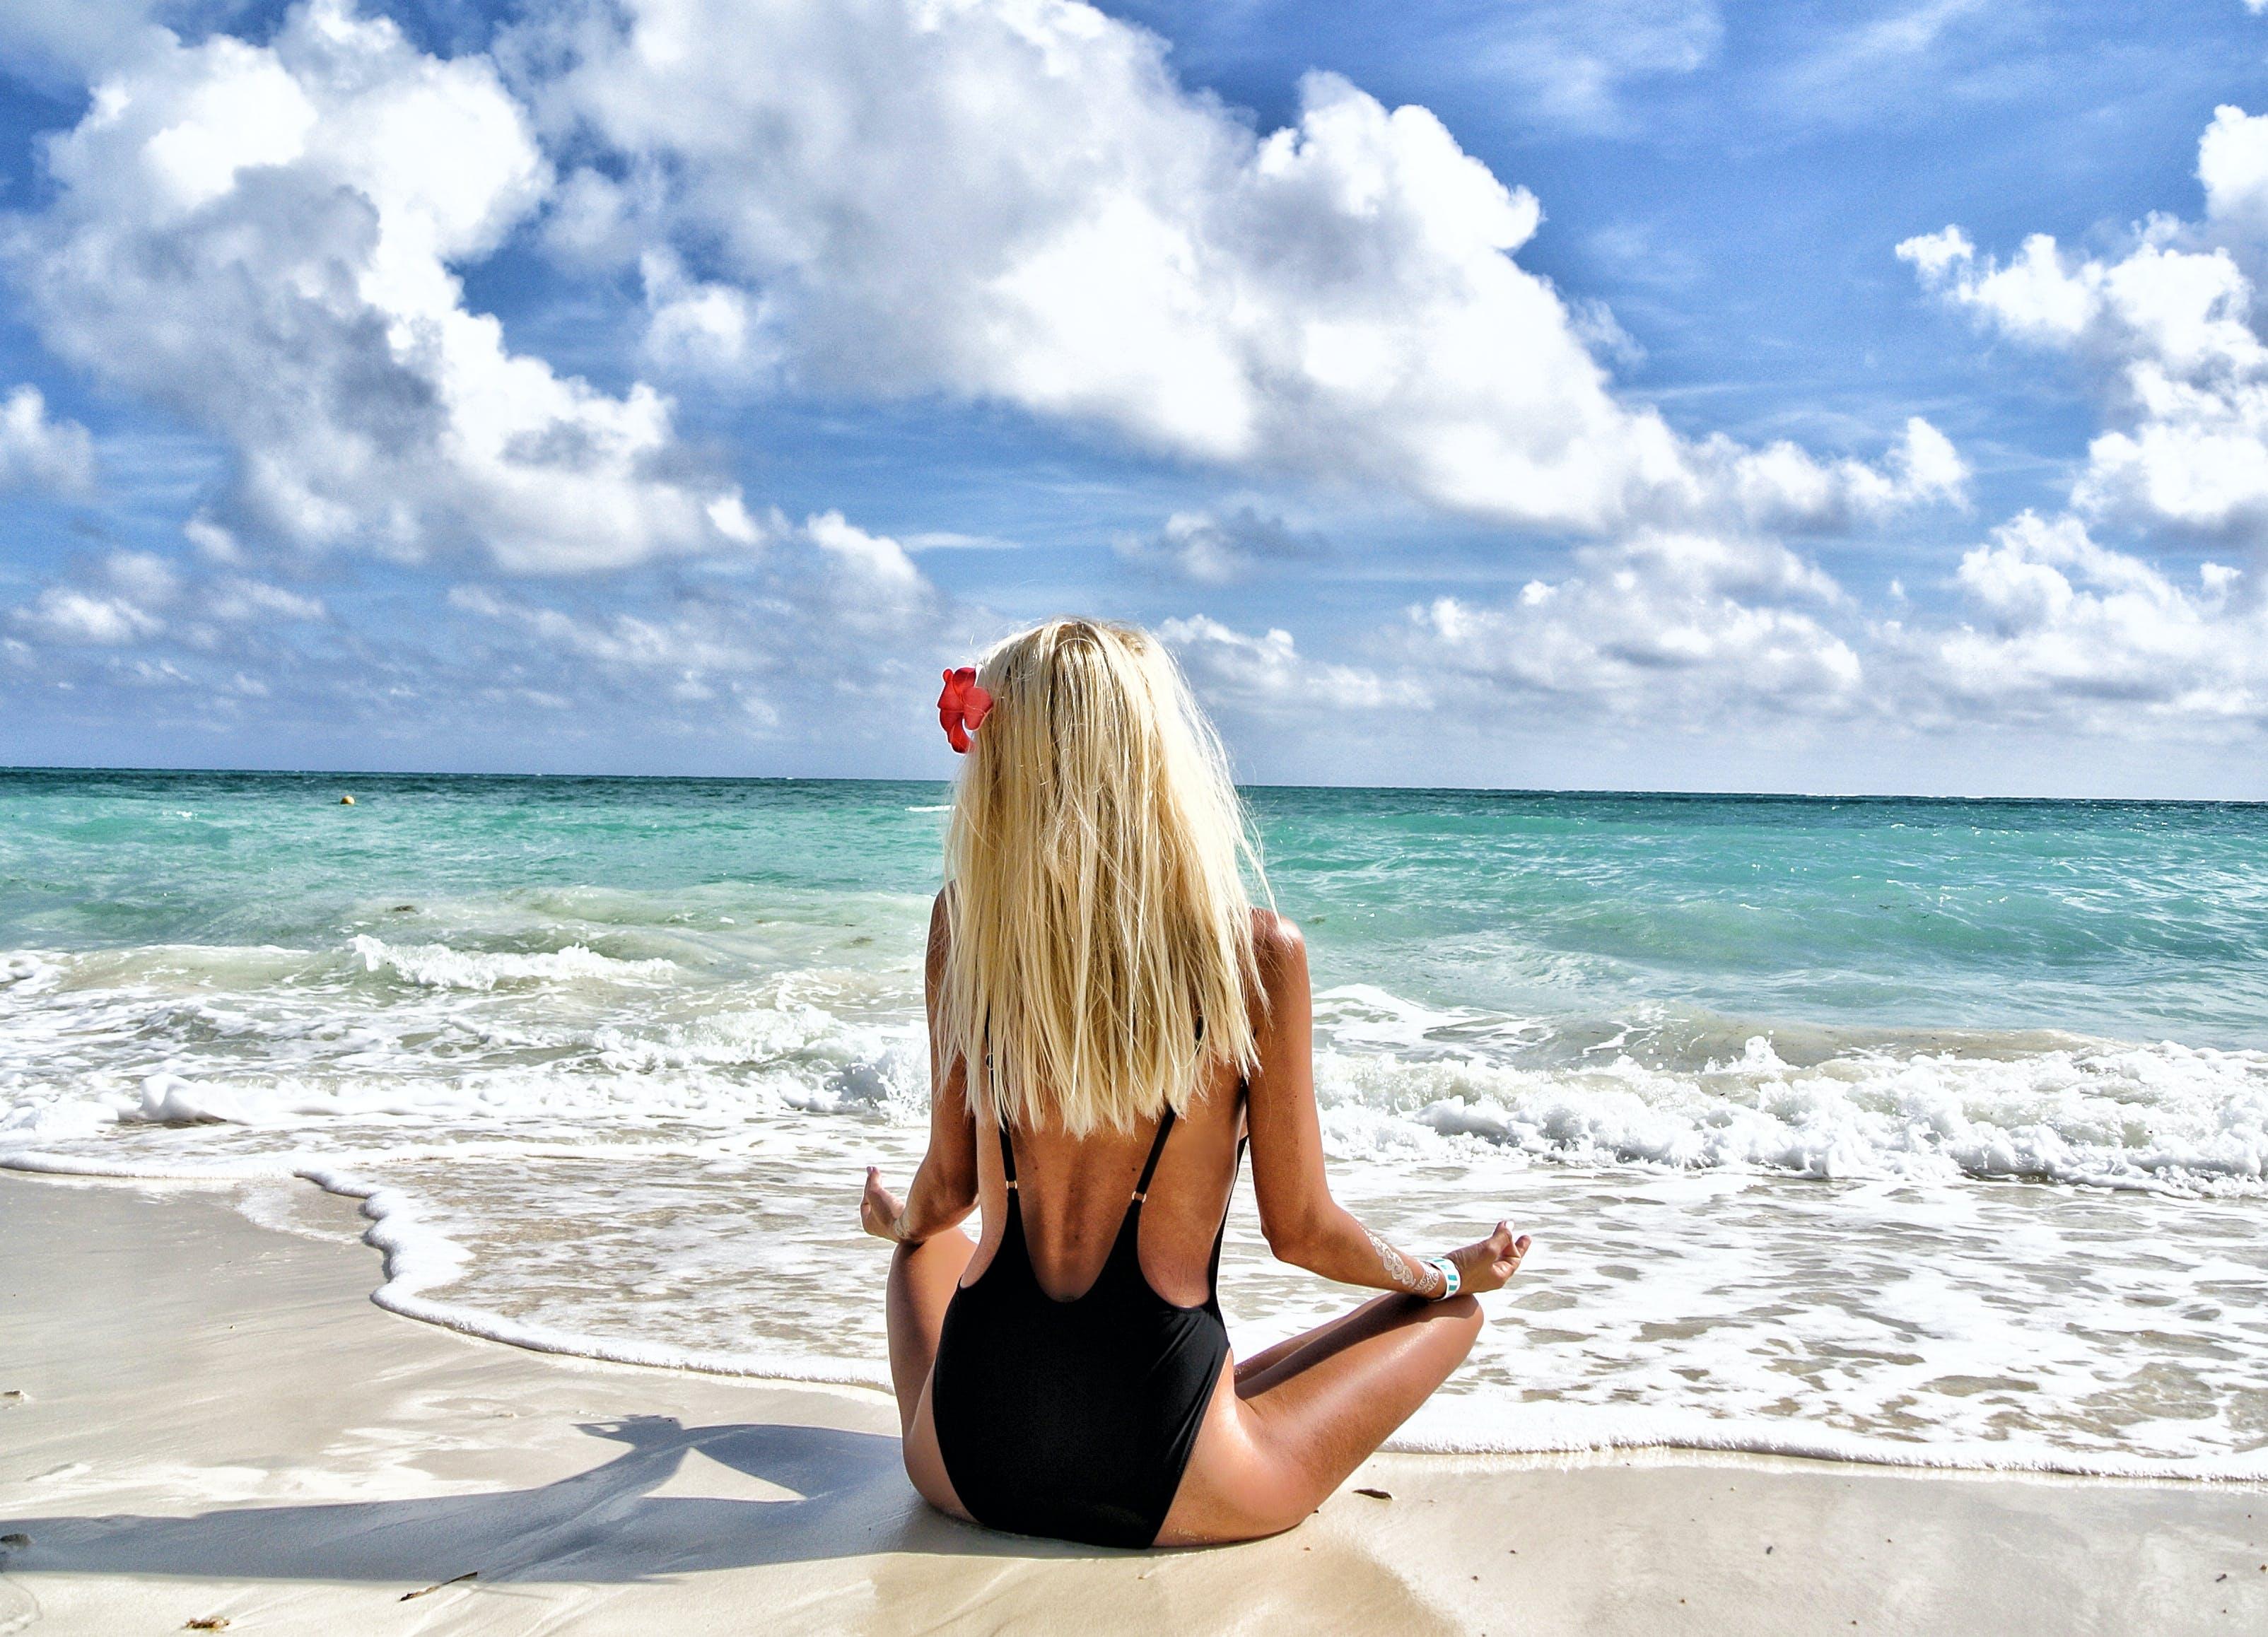 Kostenloses Stock Foto zu bikini, blond, entspannung, erholung